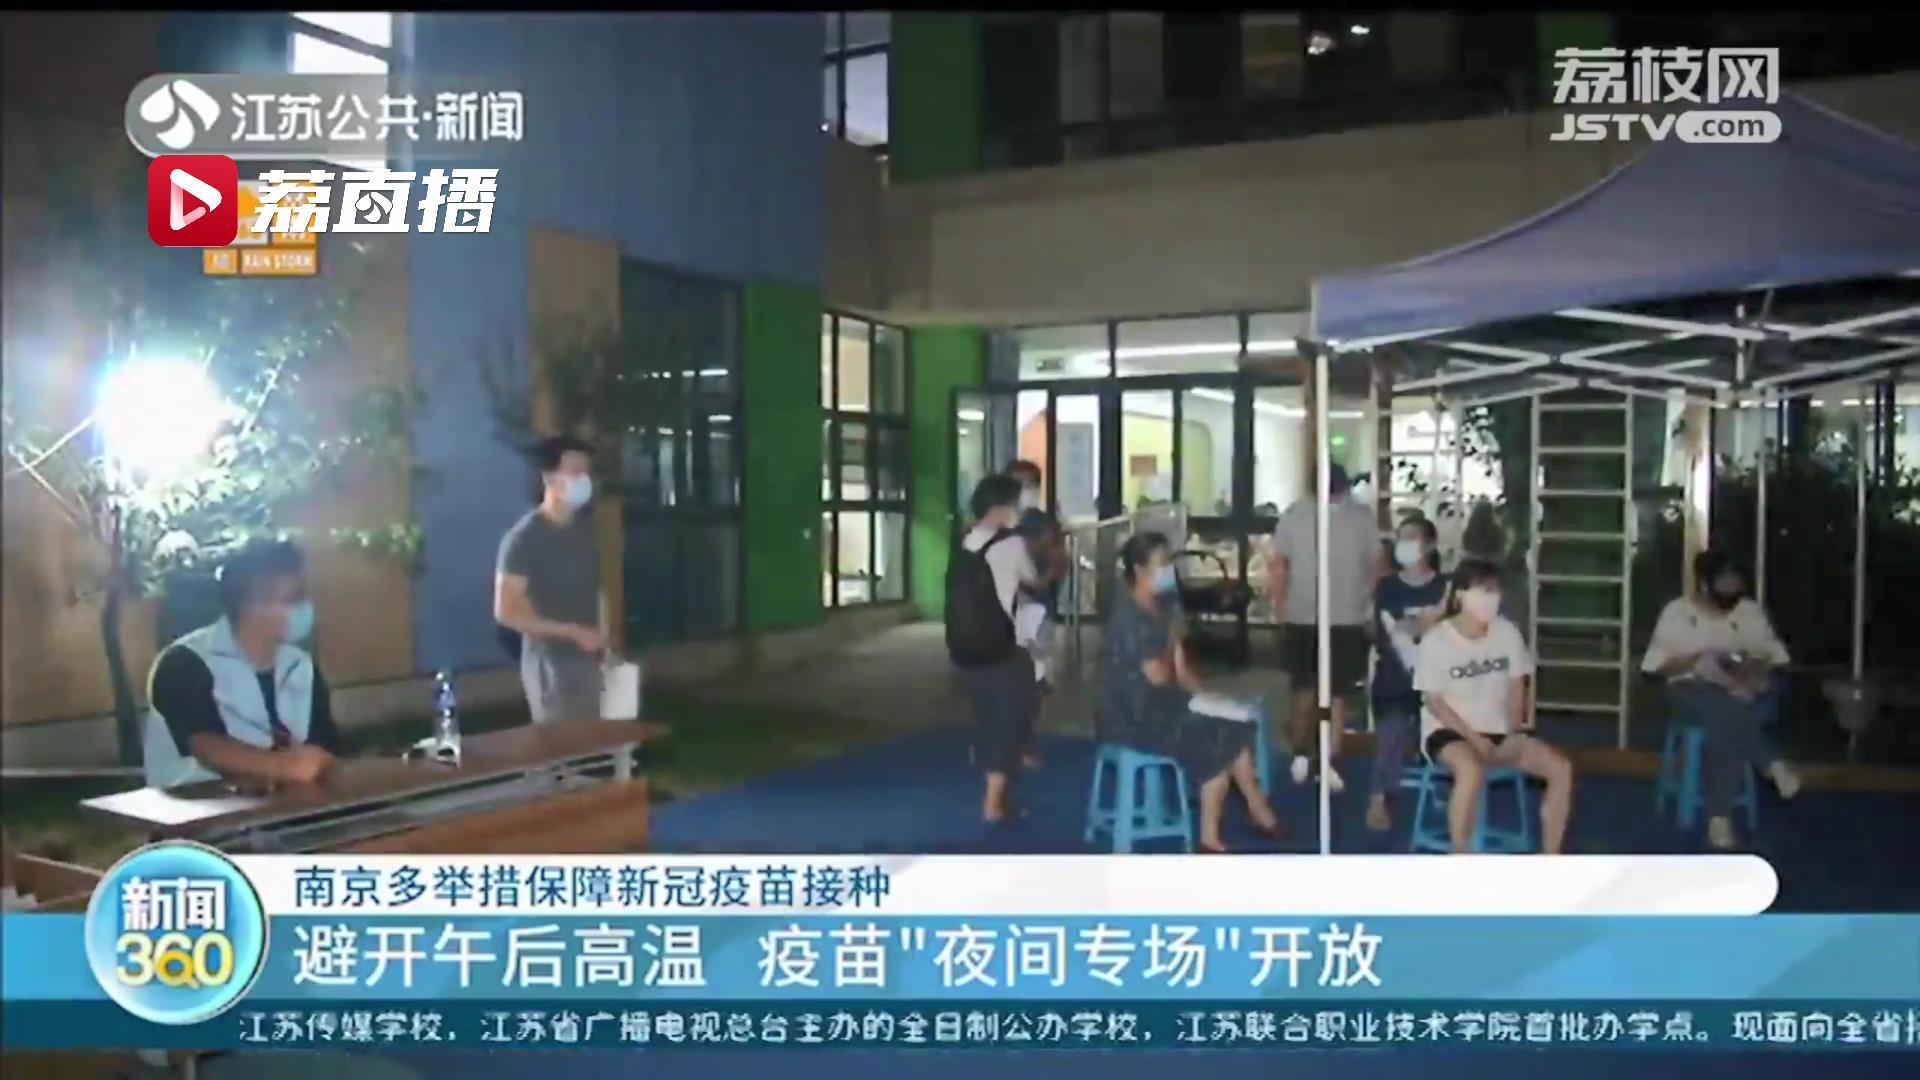 逛商超打疫苗、开设夜间专场…南京多举措保障新冠疫苗接种